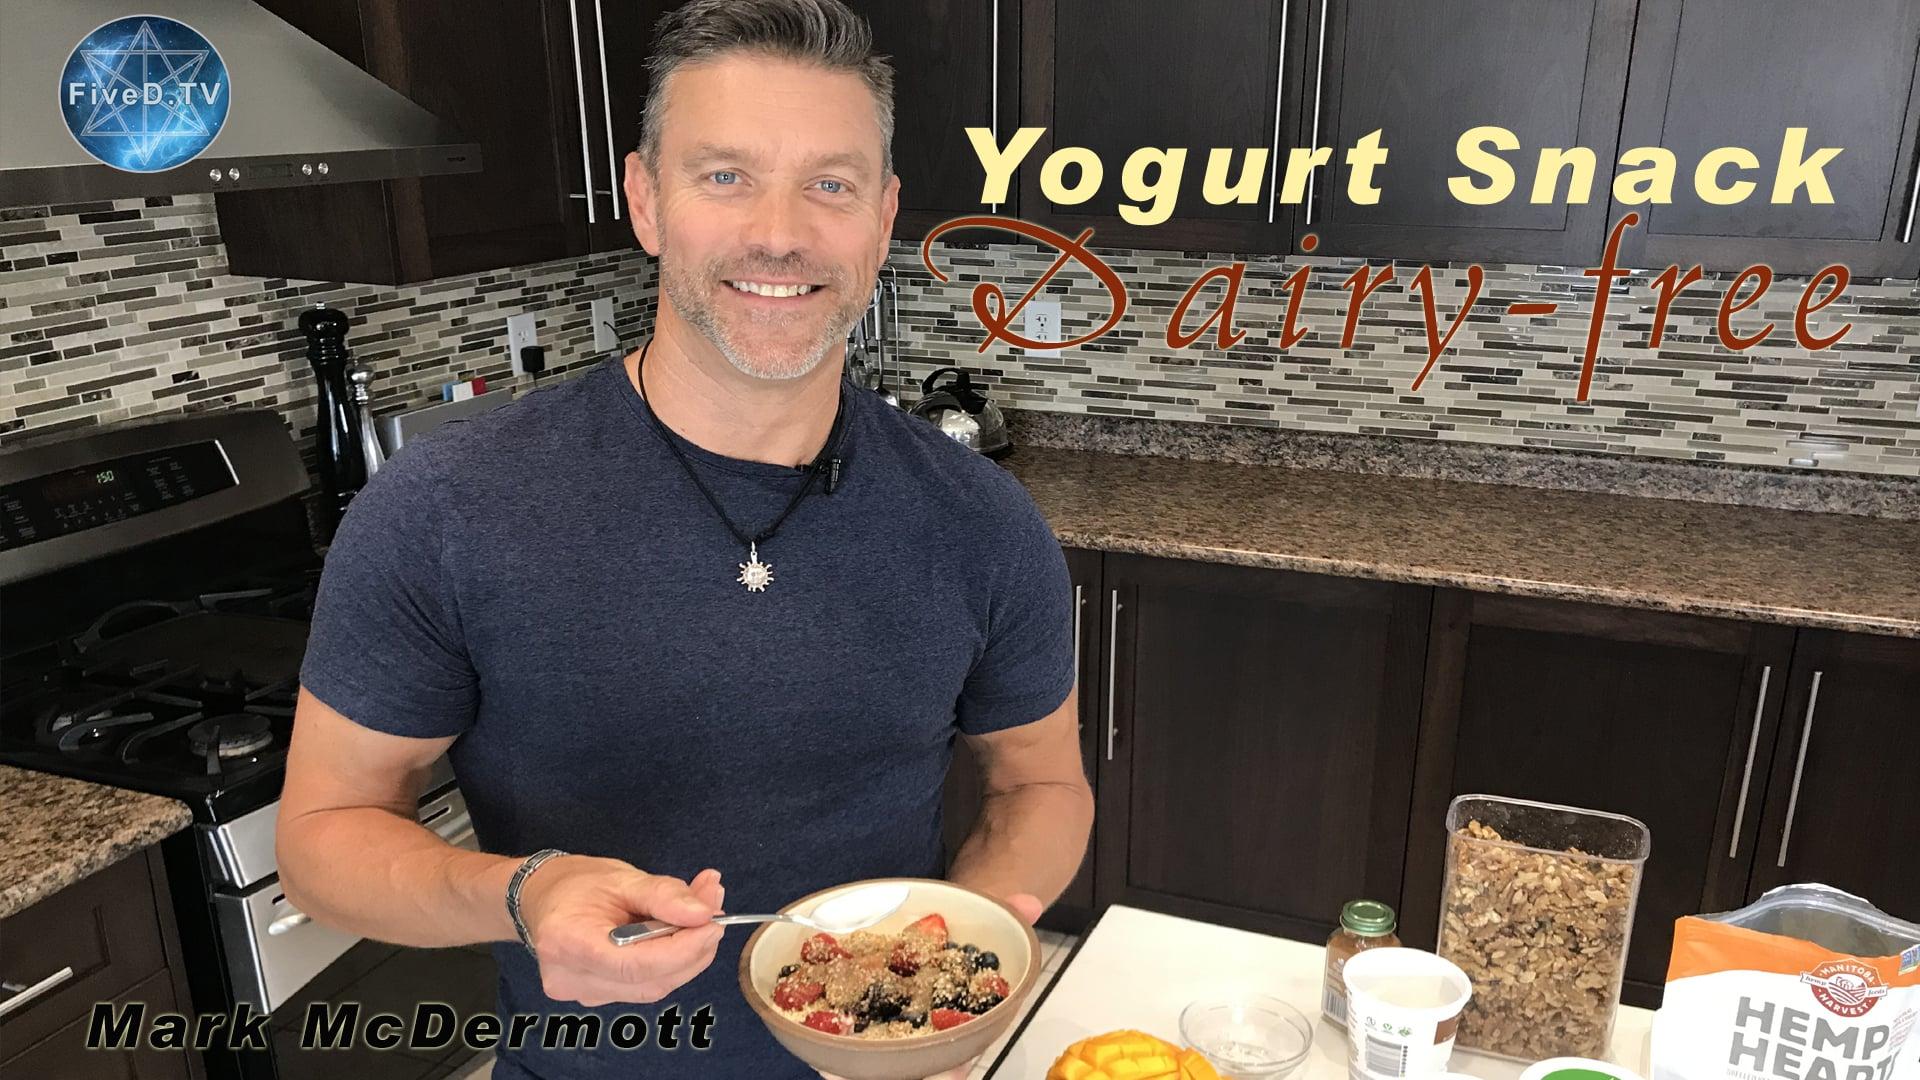 Dairy-free Yogurt Snack